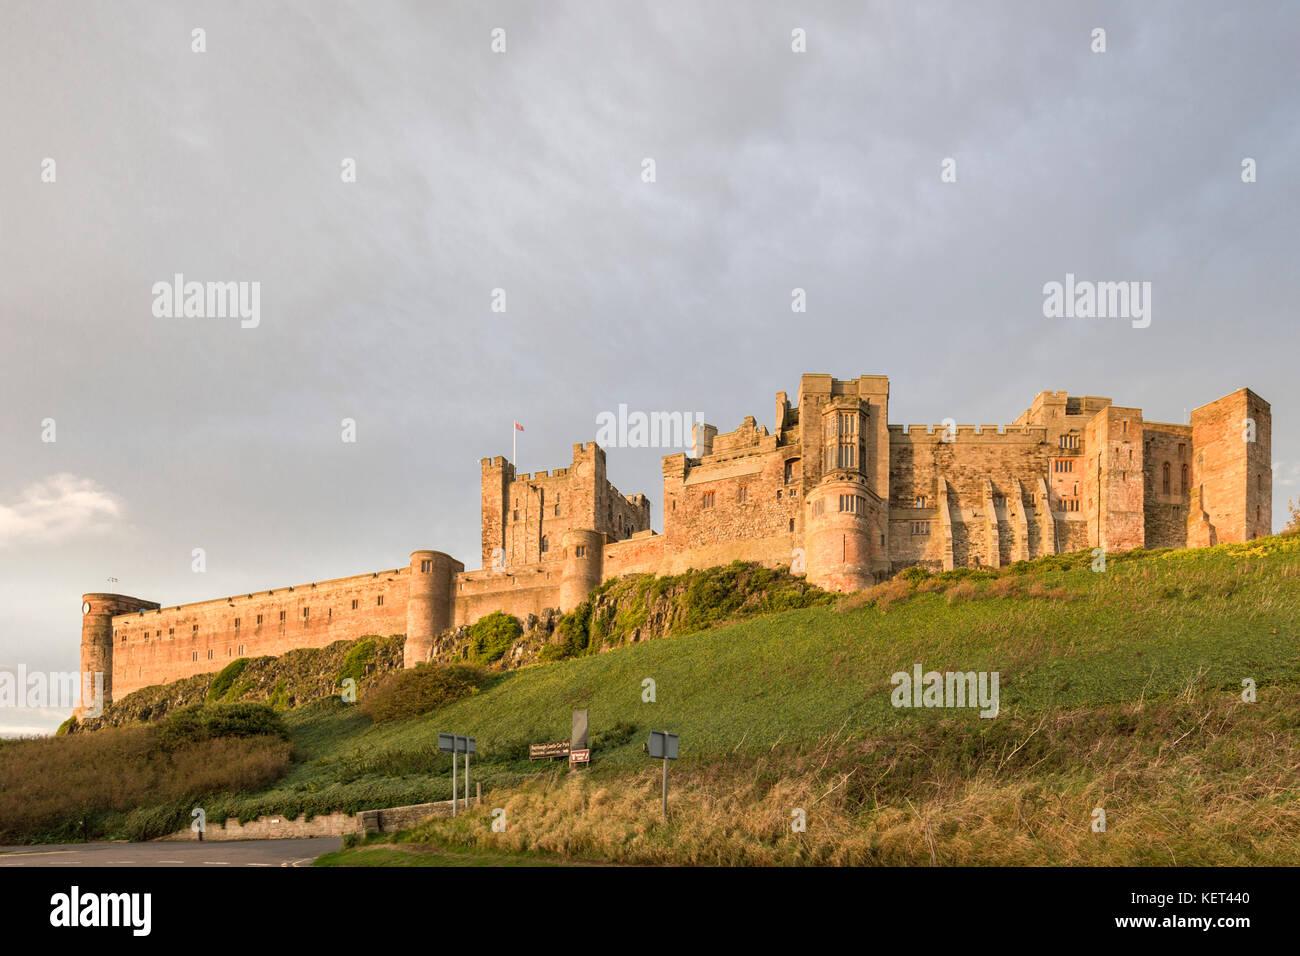 Bamburgh Castle, Bamburgh, Northumberland, England, UK - Stock Image